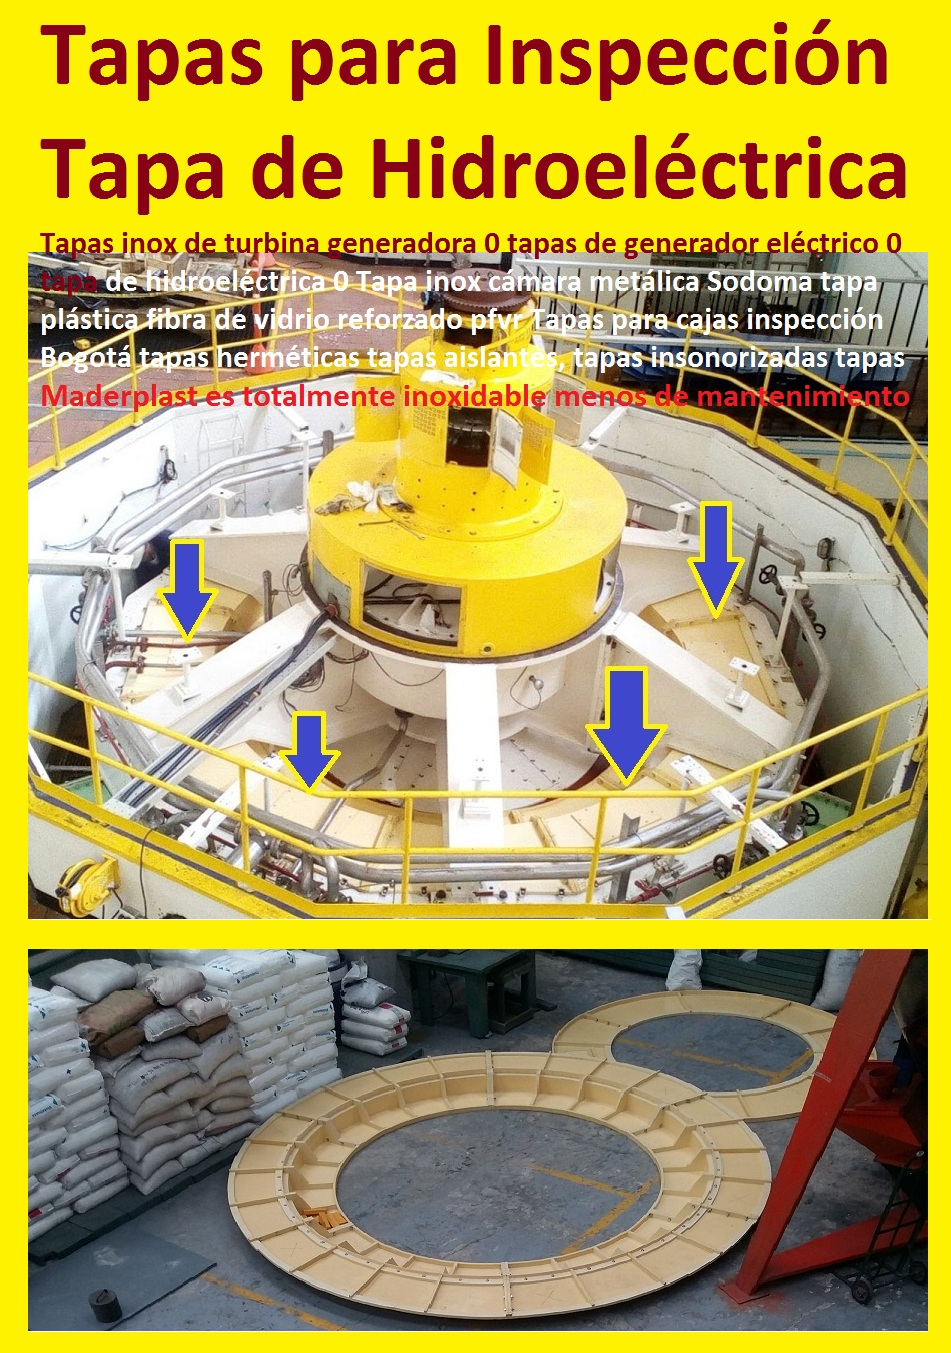 """Tapas de turbina generadora 0 tapas de generador eléctrico 0 MATERIALES PARA REDES ELÉCTRICAS ELECTRIFICADORAS MADERPLAST 0, postes crucetas aisladores 0, tapas 0, rejillas 0, cámaras, nuevos materiales para redes eléctricas y electrificadoras 0, generadoras eléctricas 0, estaciones de transmisión y transformadores eléctricos de redes de alta tensión también para redes de media y baja tensión 0, tapas de turbina generadora 0, tapas de generador eléctrico 0, tapa de hidroeléctrica 0, tapas codensa, generador hidroeléctrico generador hidráulico central hidroeléctrica 0, electrificadoras 0, crucetas para postes eléctricos de plástico 0, materiales para electrificadoras 0, quiero, ir cerca de mi ubicación quiero 0, comprar materiales eléctricos 0, electrificadoras, materiales para redes eléctricas 0, postes, crucetas 0, aisladores 0, tapas para cámaras 0, tapas de cajas de inspección con pasadores 0, tapas con seguridad 0 tipos de cajas de inspección tapa impenetrable caja de inspección eléctrica, caja de inspección norma codensa cs 274 0, cajas de inspección condesa 0, """"quiero saber"""", """"quiero hacer"""" 0, """"quiero ir"""" 0, """"quiero comprar"""" materiales eléctricos electrificadoras 0, redes eléctricas de alta 0, media y baja tensión 0, tapa de hidroeléctrica 0 Tapa cámara metálica Sodoma tapa plástica fibra de vidrio reforzado pfvr Tapas para cajas inspección Bogotá tapas herméticas Tapas de turbina generadora 0 tapas de generador eléctrico 0 tapa de hidroeléctrica 0 Tapa cámara metálica Sodoma tapa plástica fibra de vidrio reforzado pfvr Tapas para cajas inspección Bogotá tapas herméticas"""